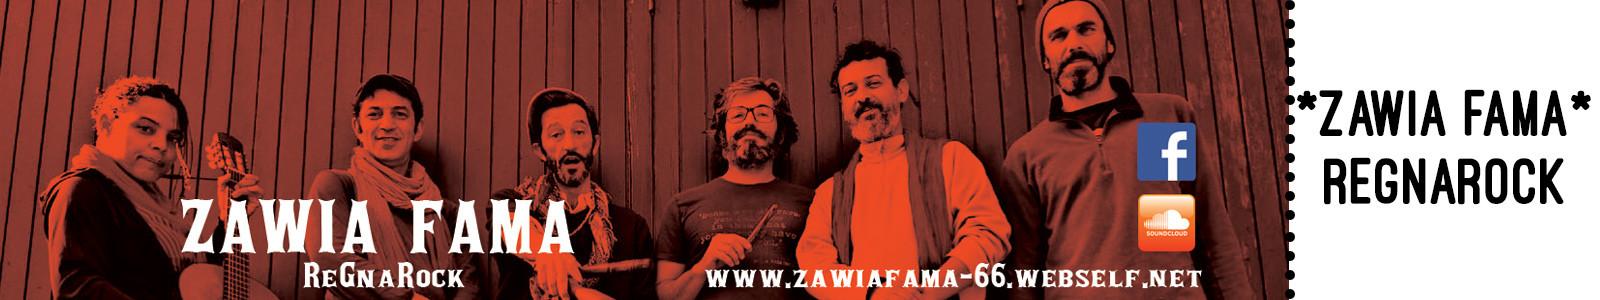 Zawia Fama – ReGnaRock